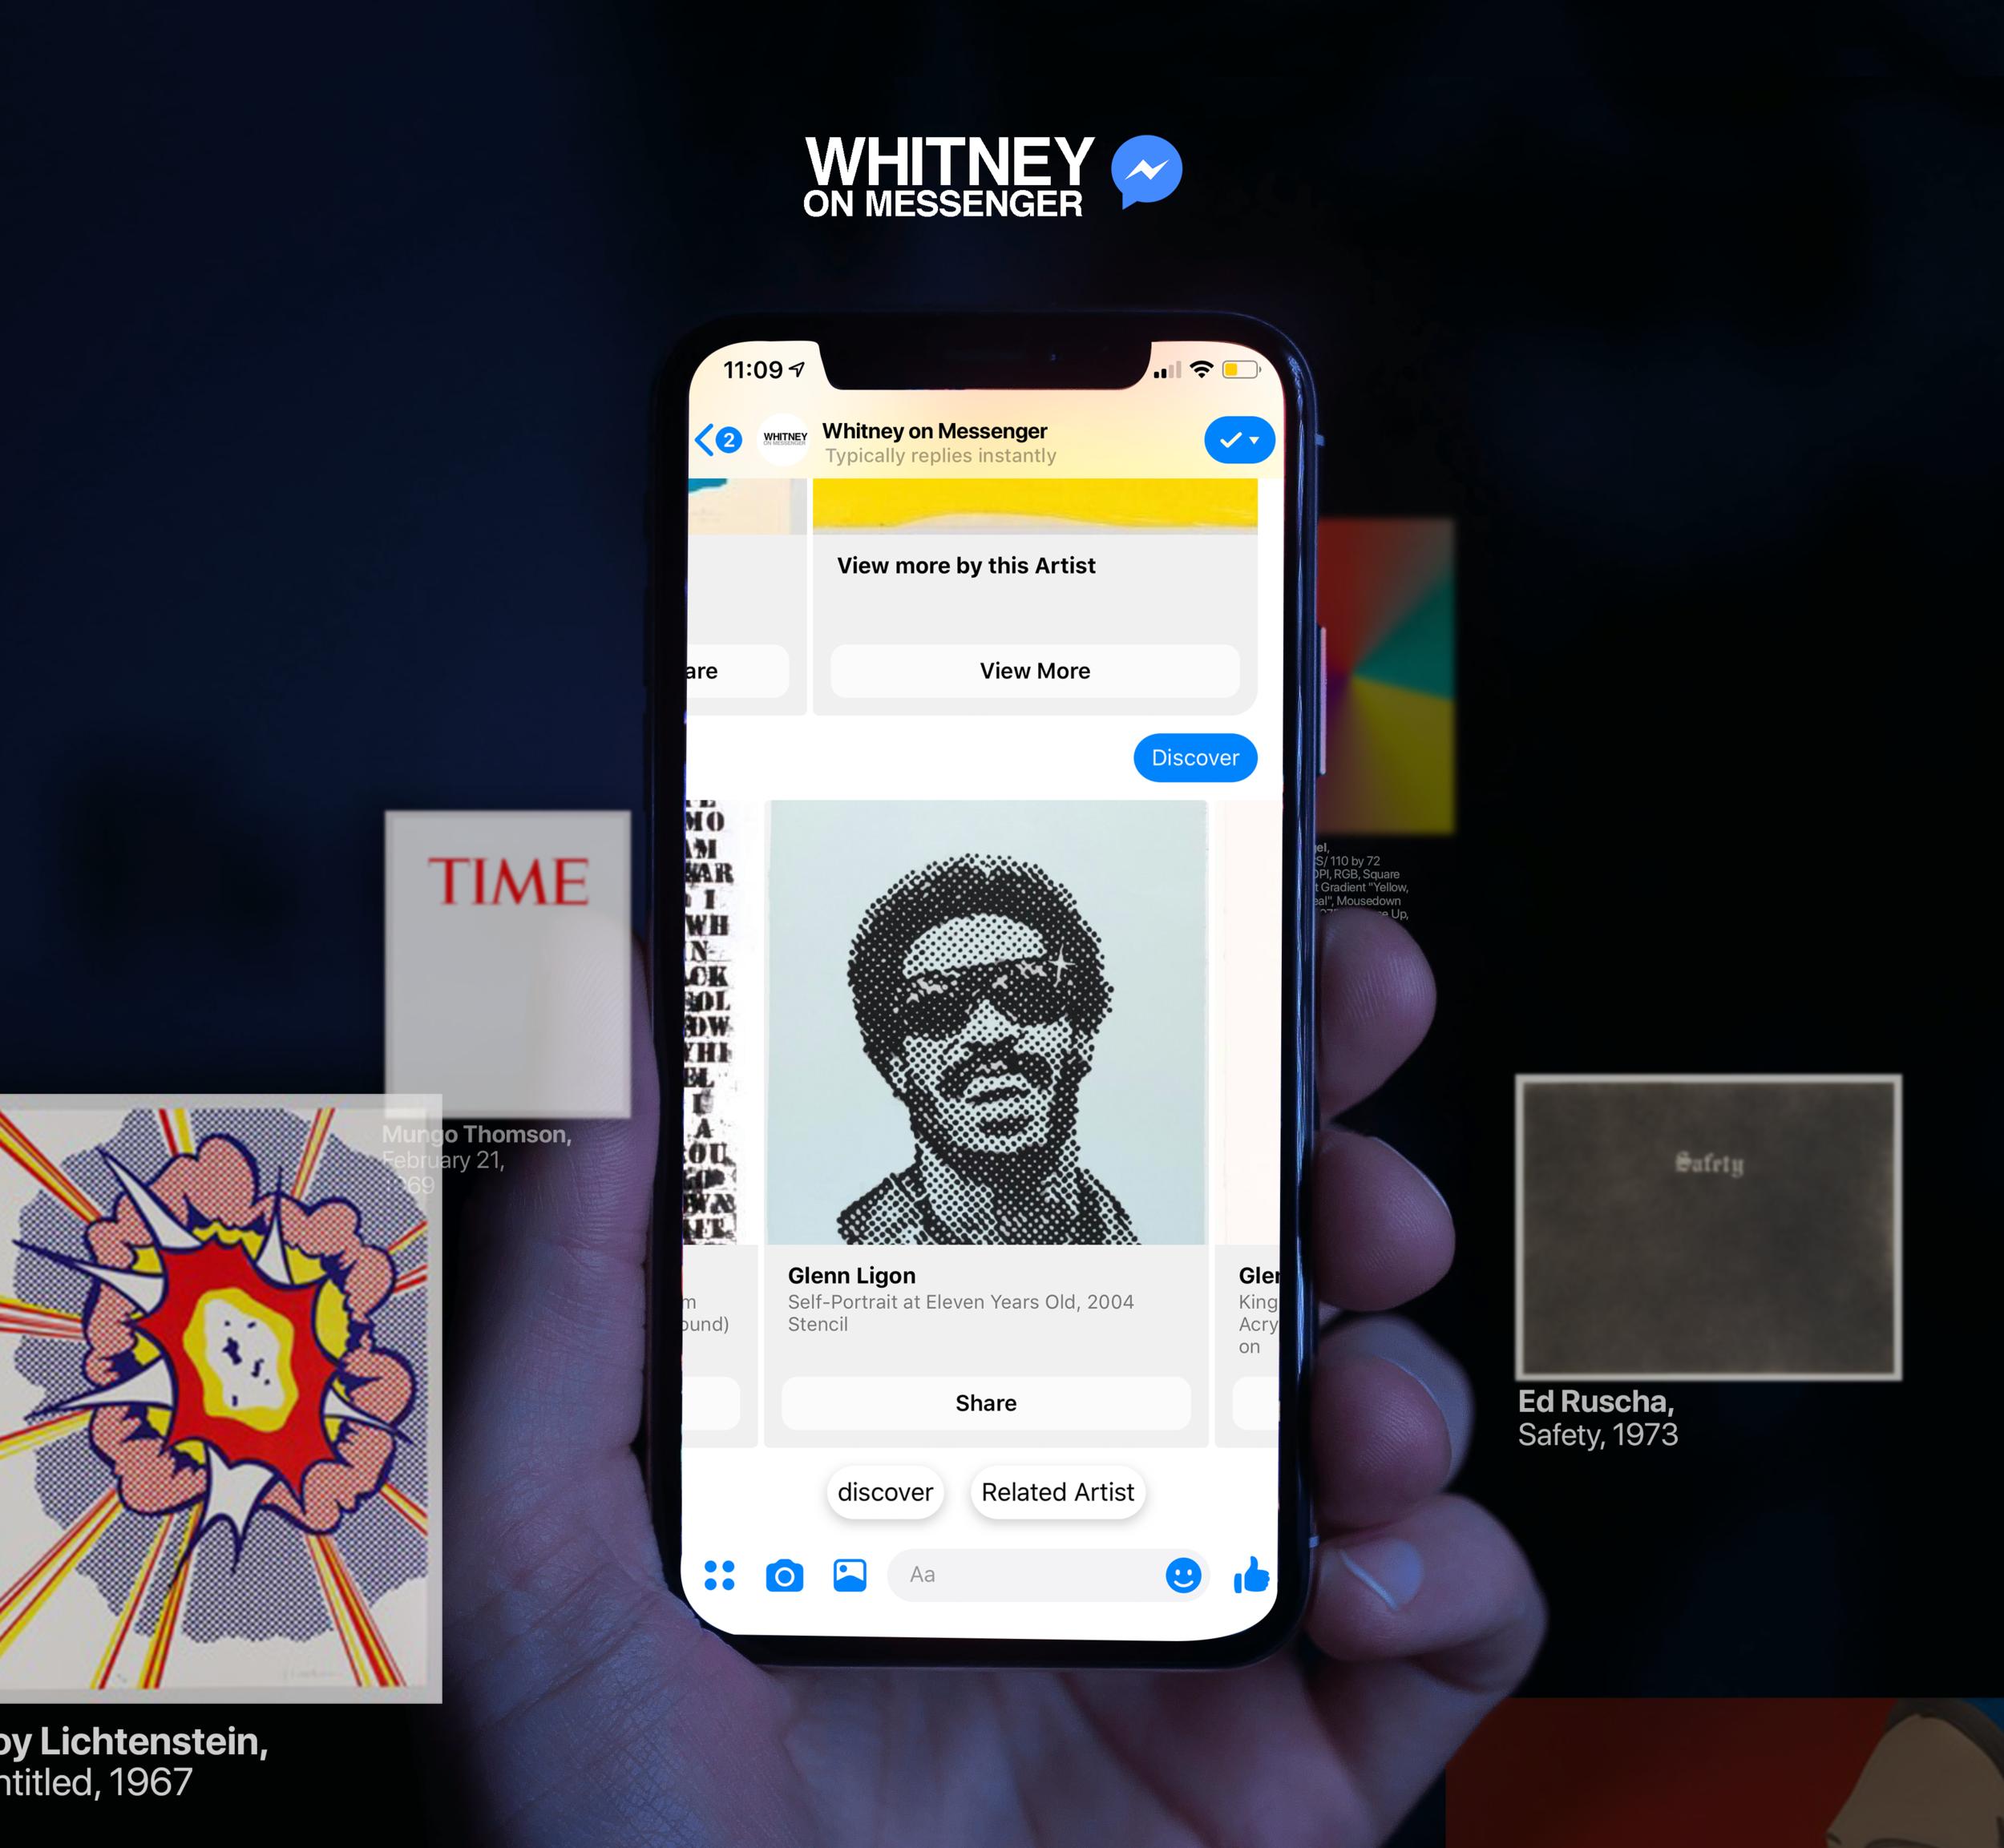 Whitney on Messenger